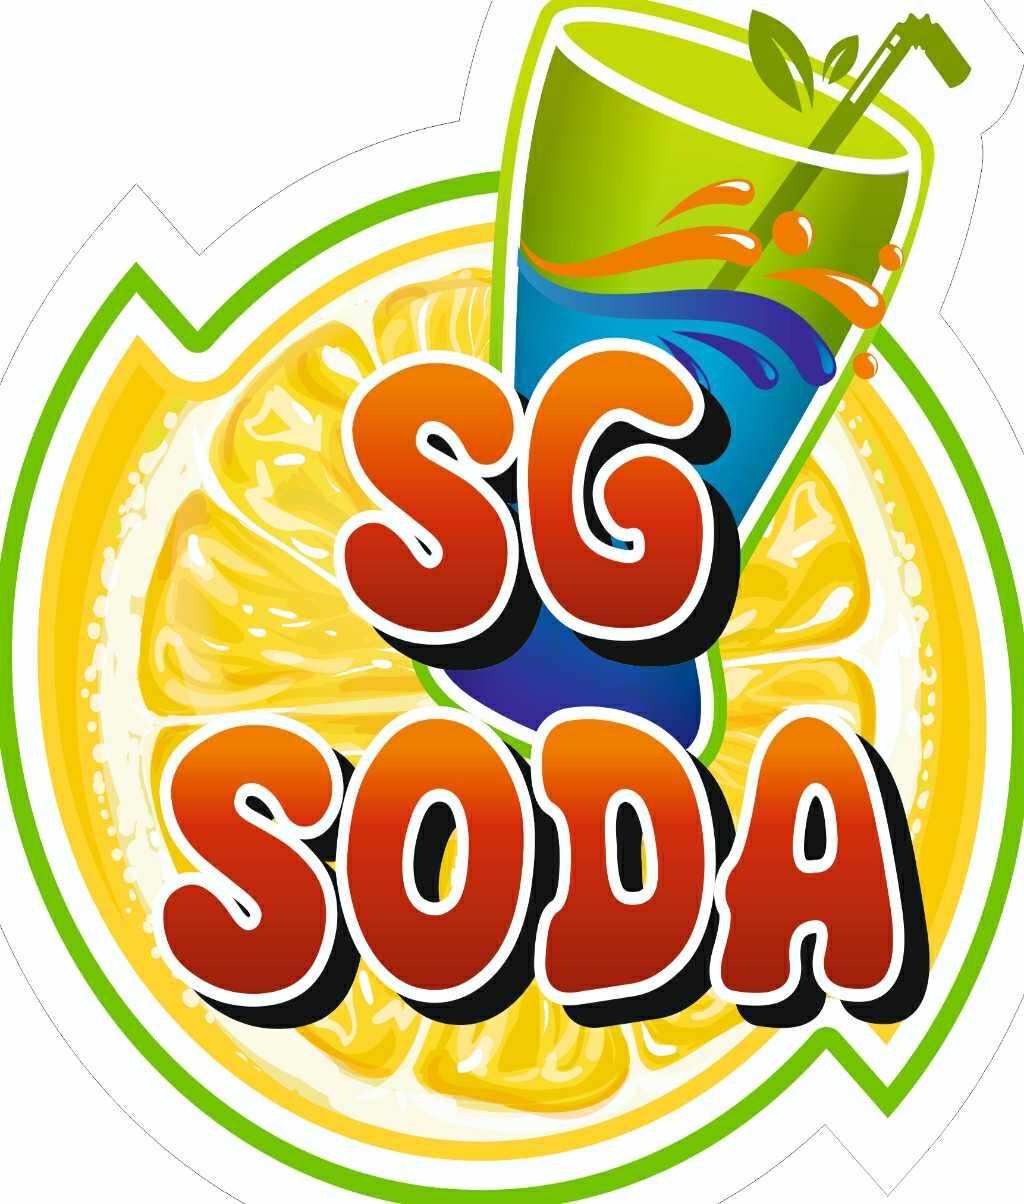 S.G. SODA DISPENSER